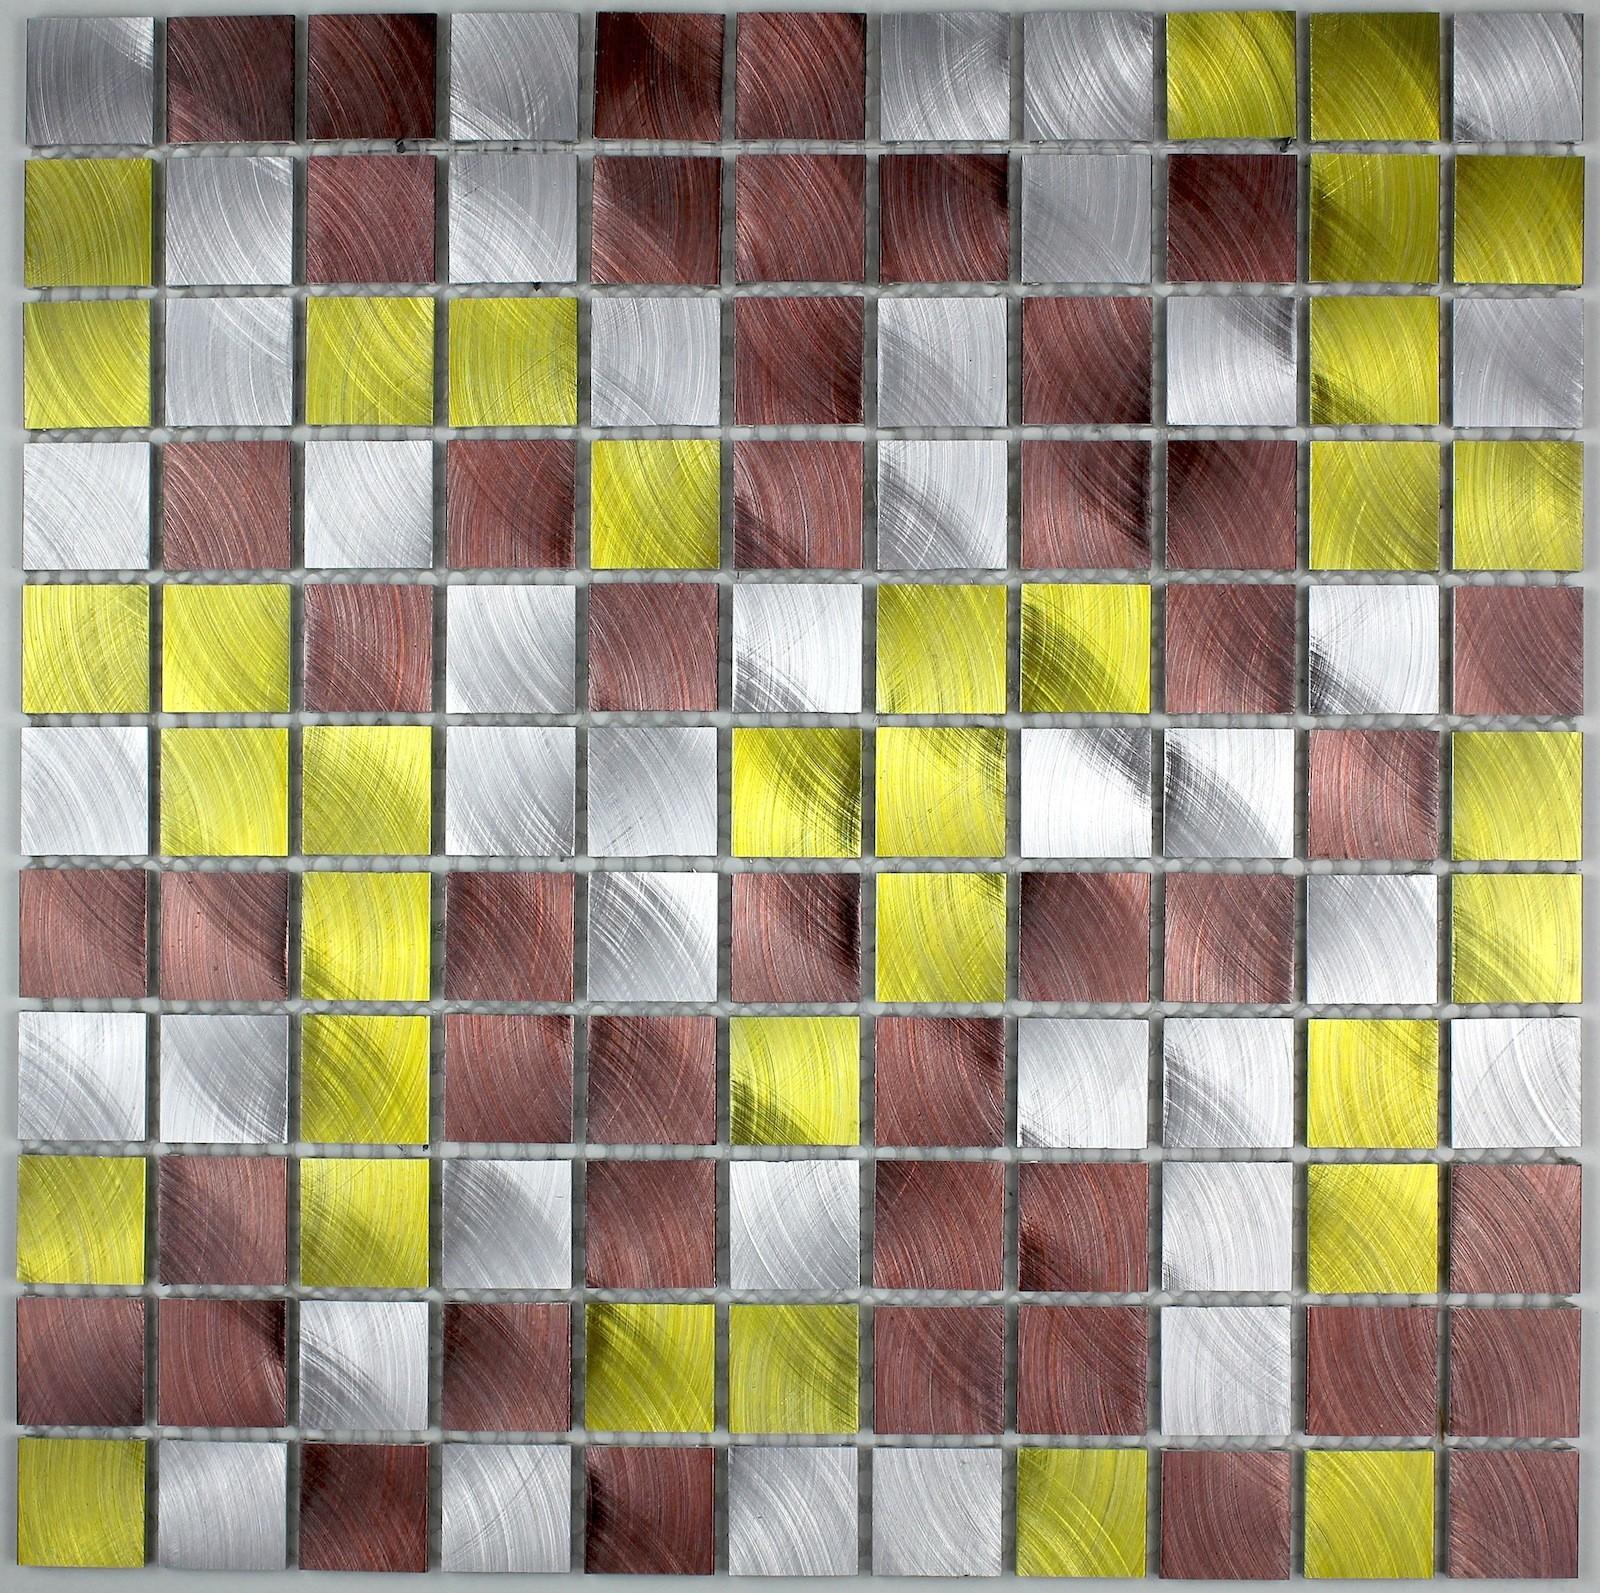 fliesen-wand-aluminium ma-alu25-dor - sygma group